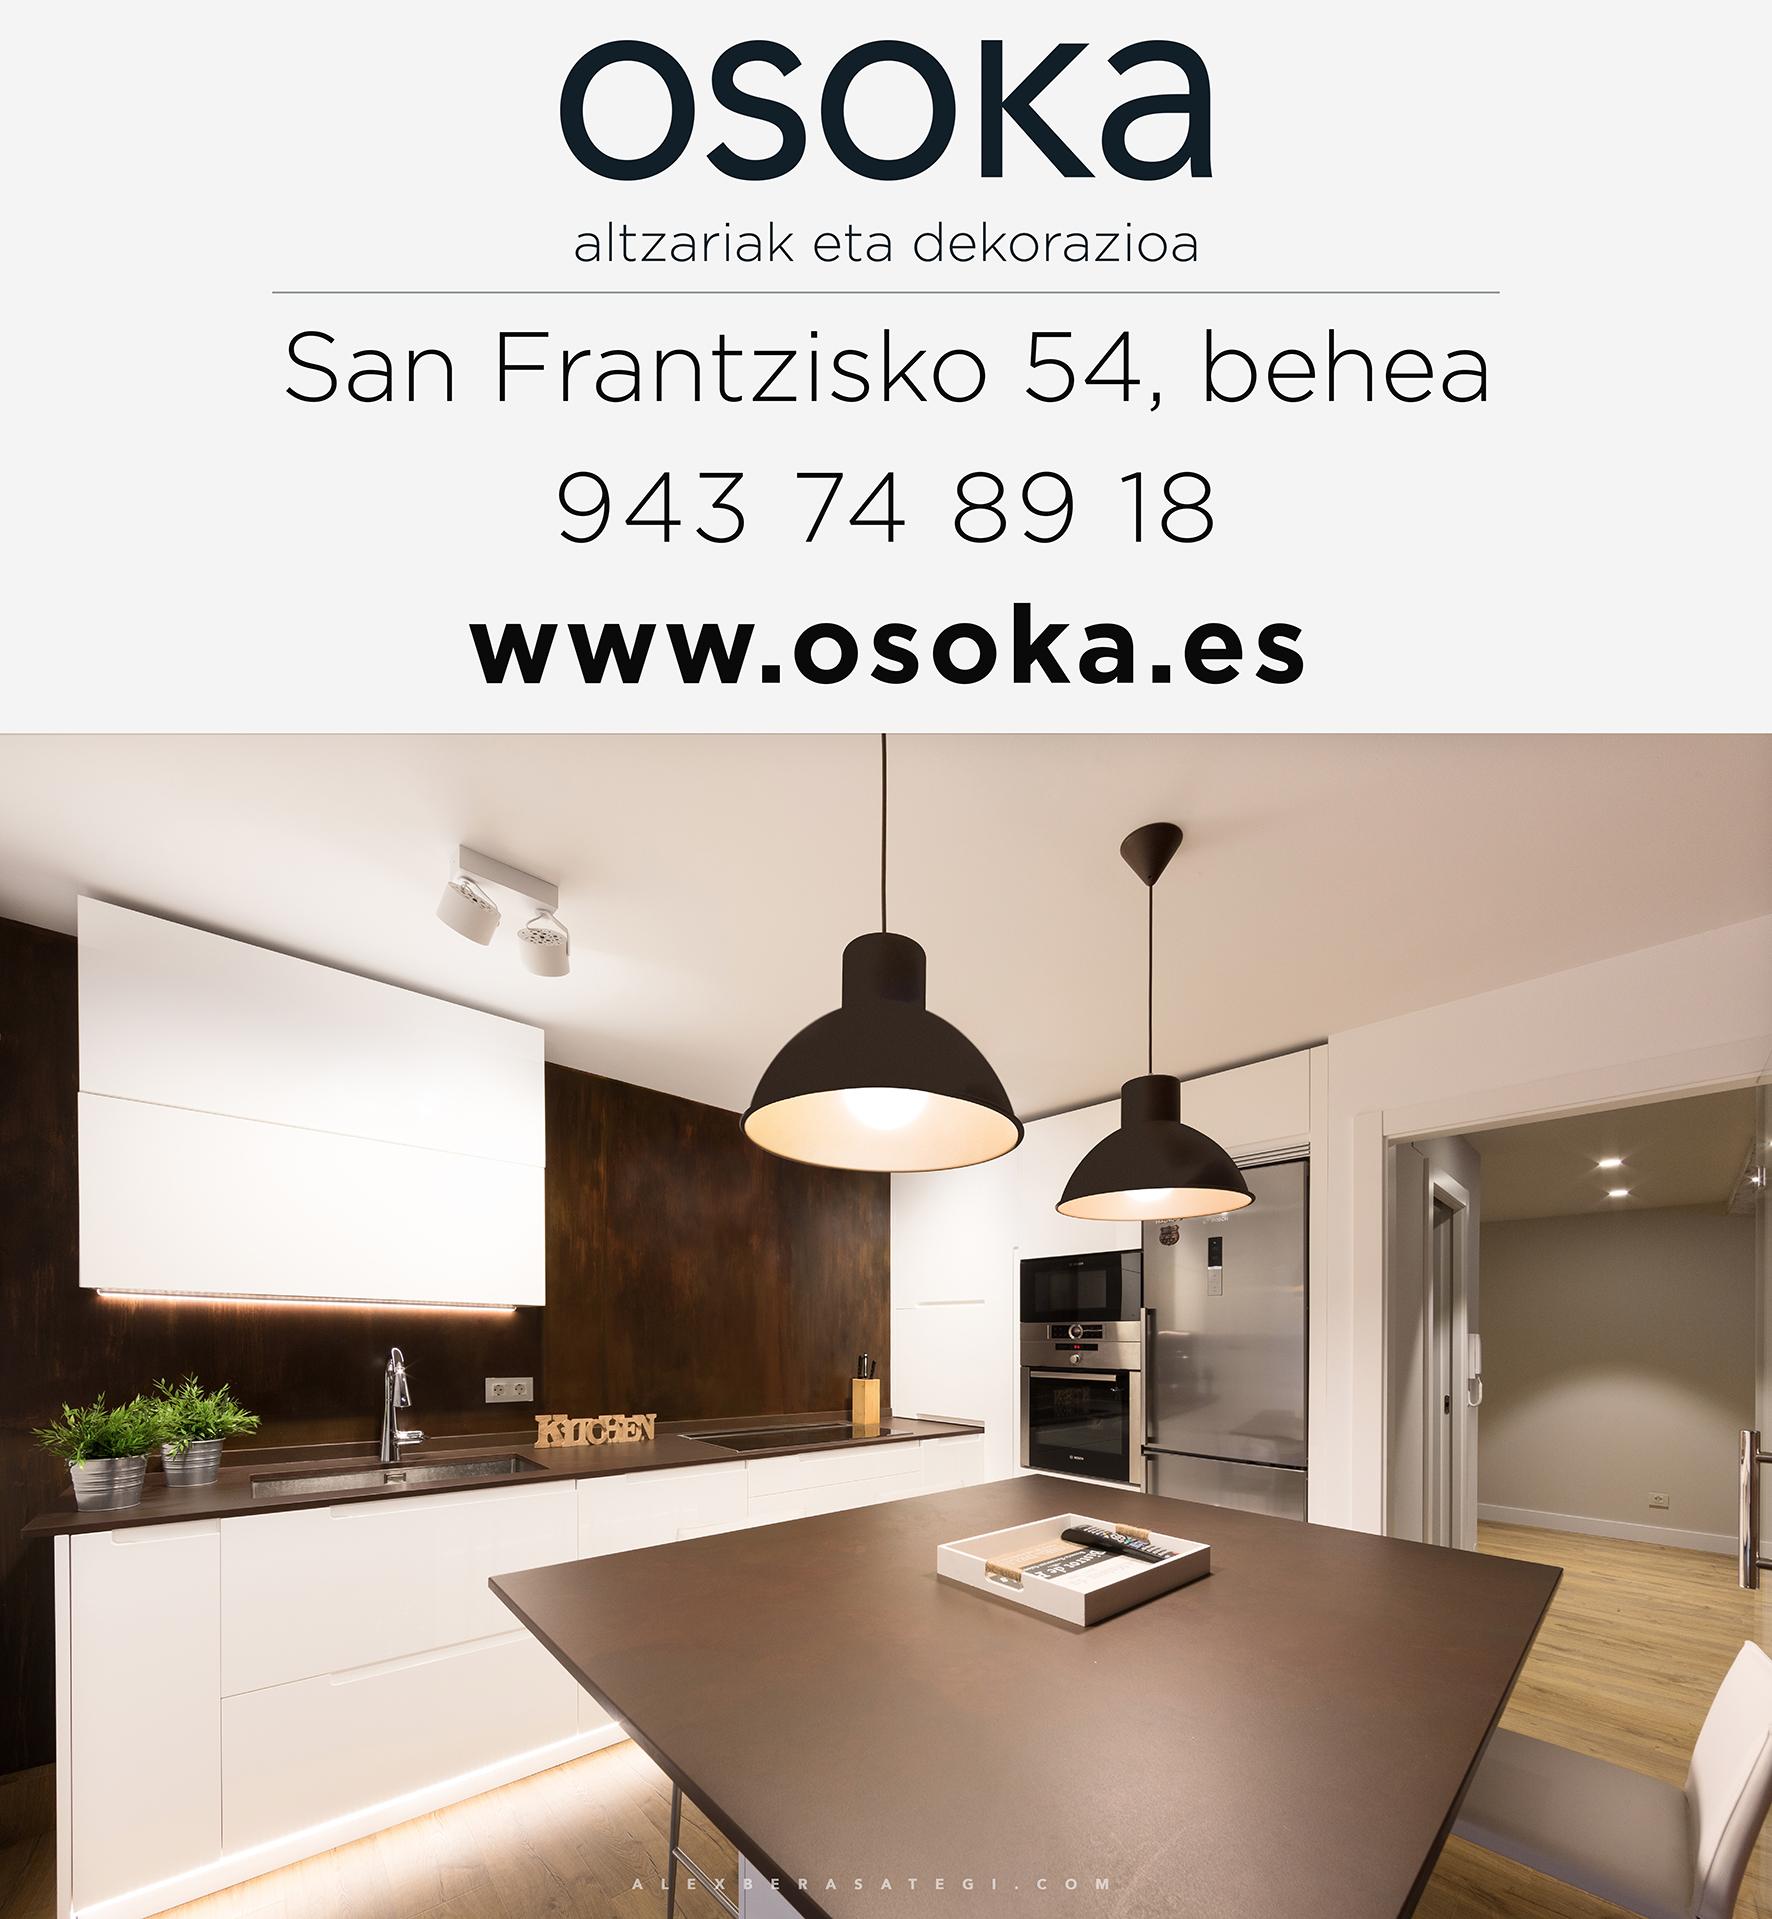 Osoka2017internet